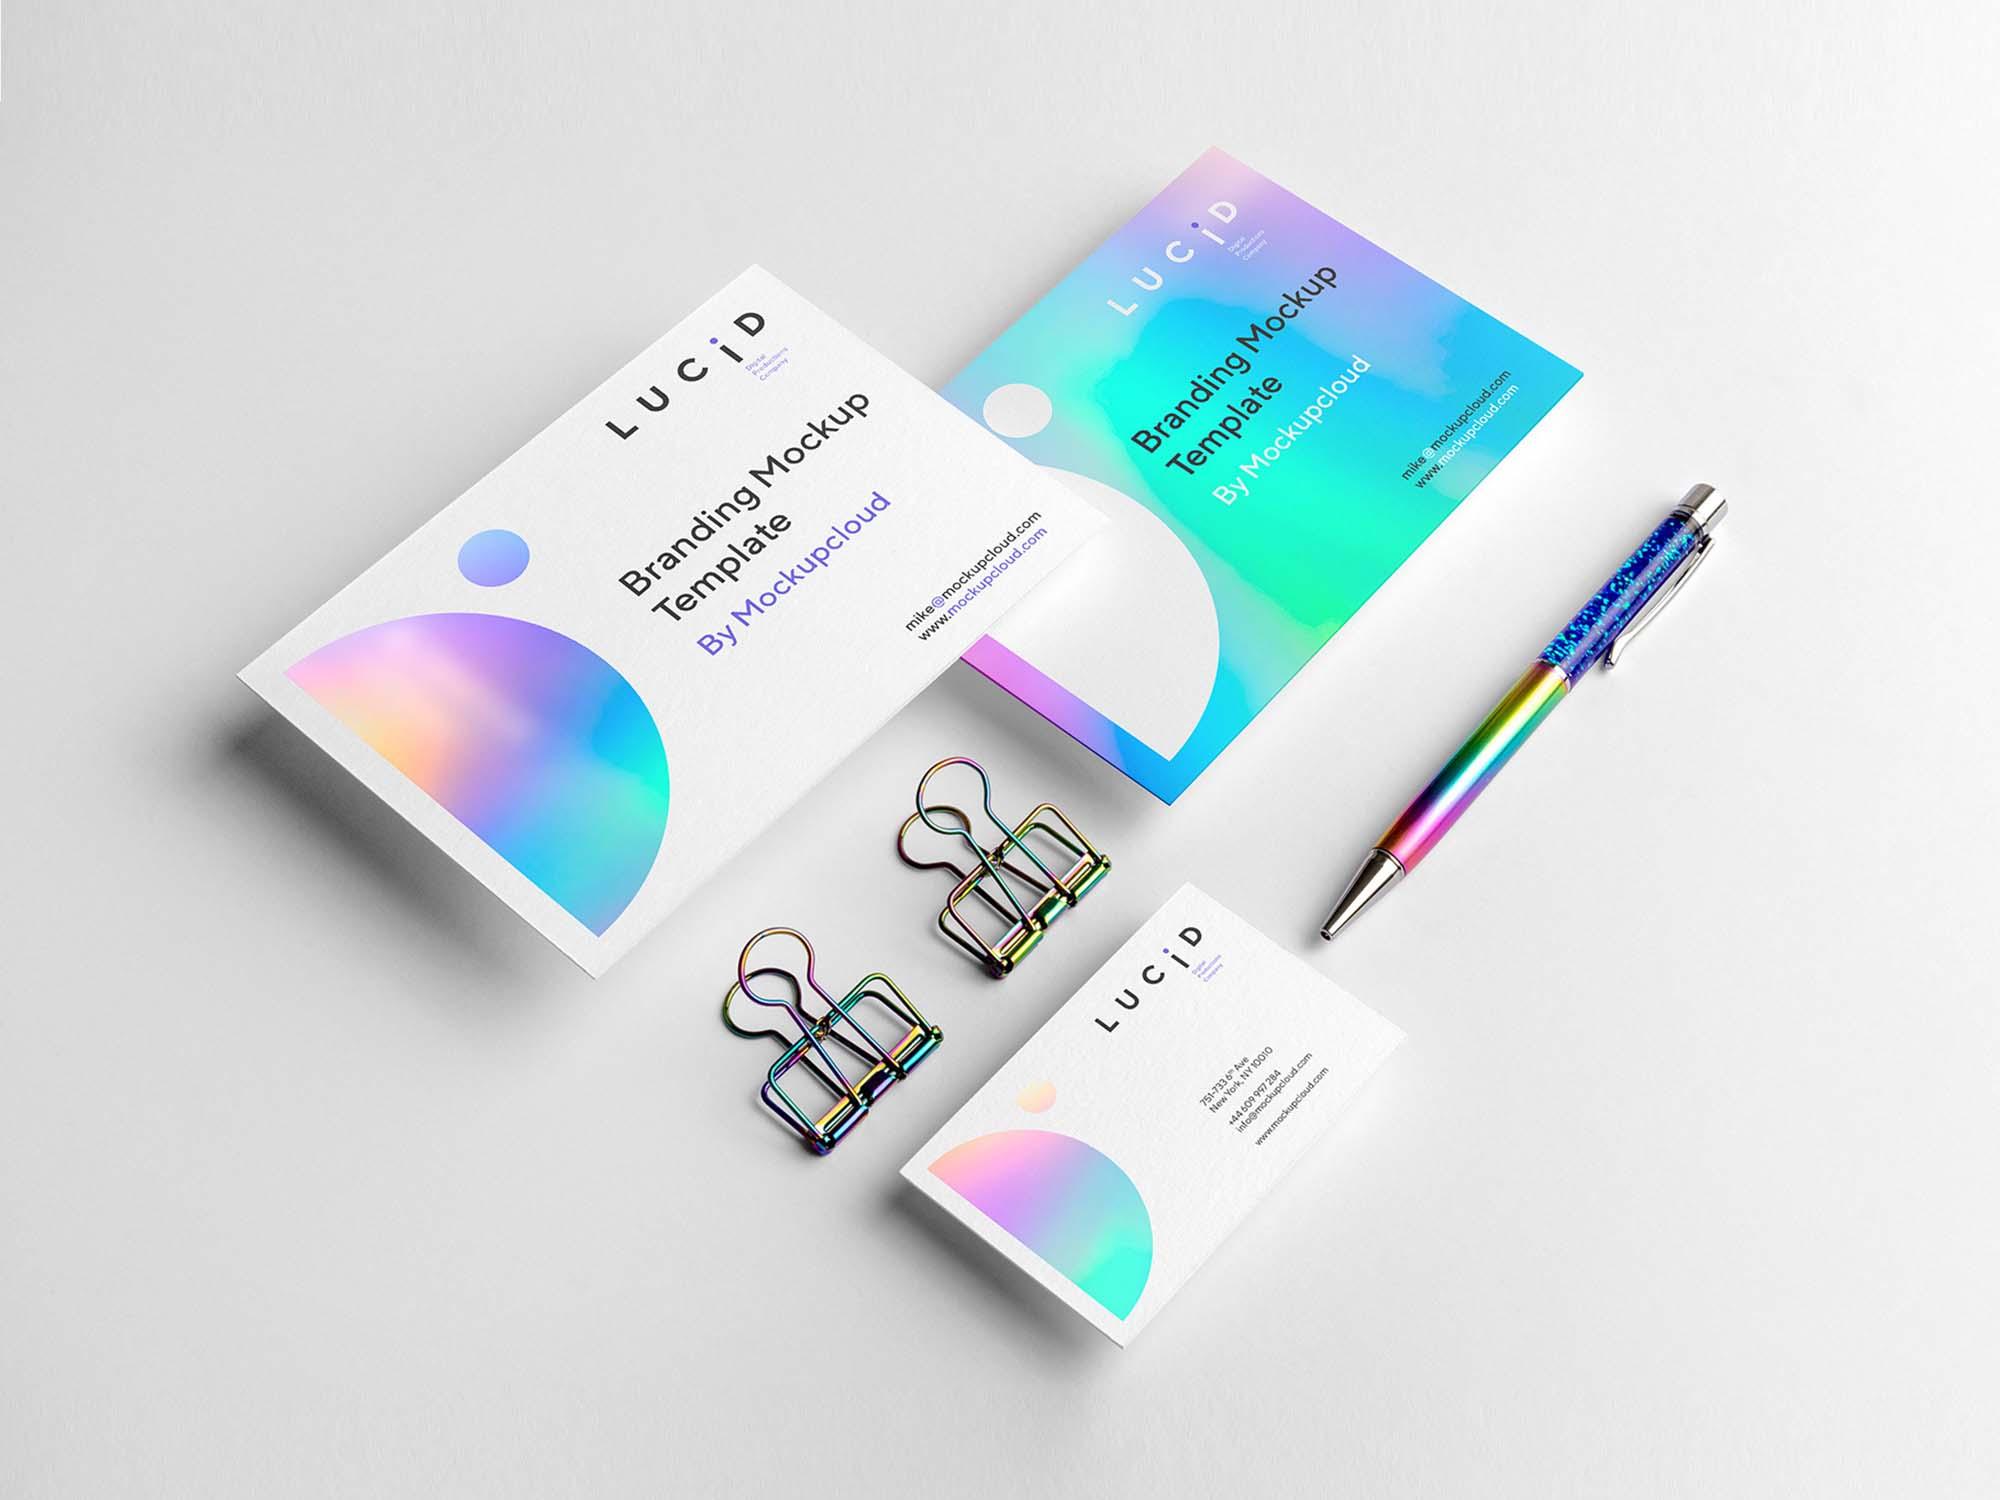 Lucid Modern Branding Mockup